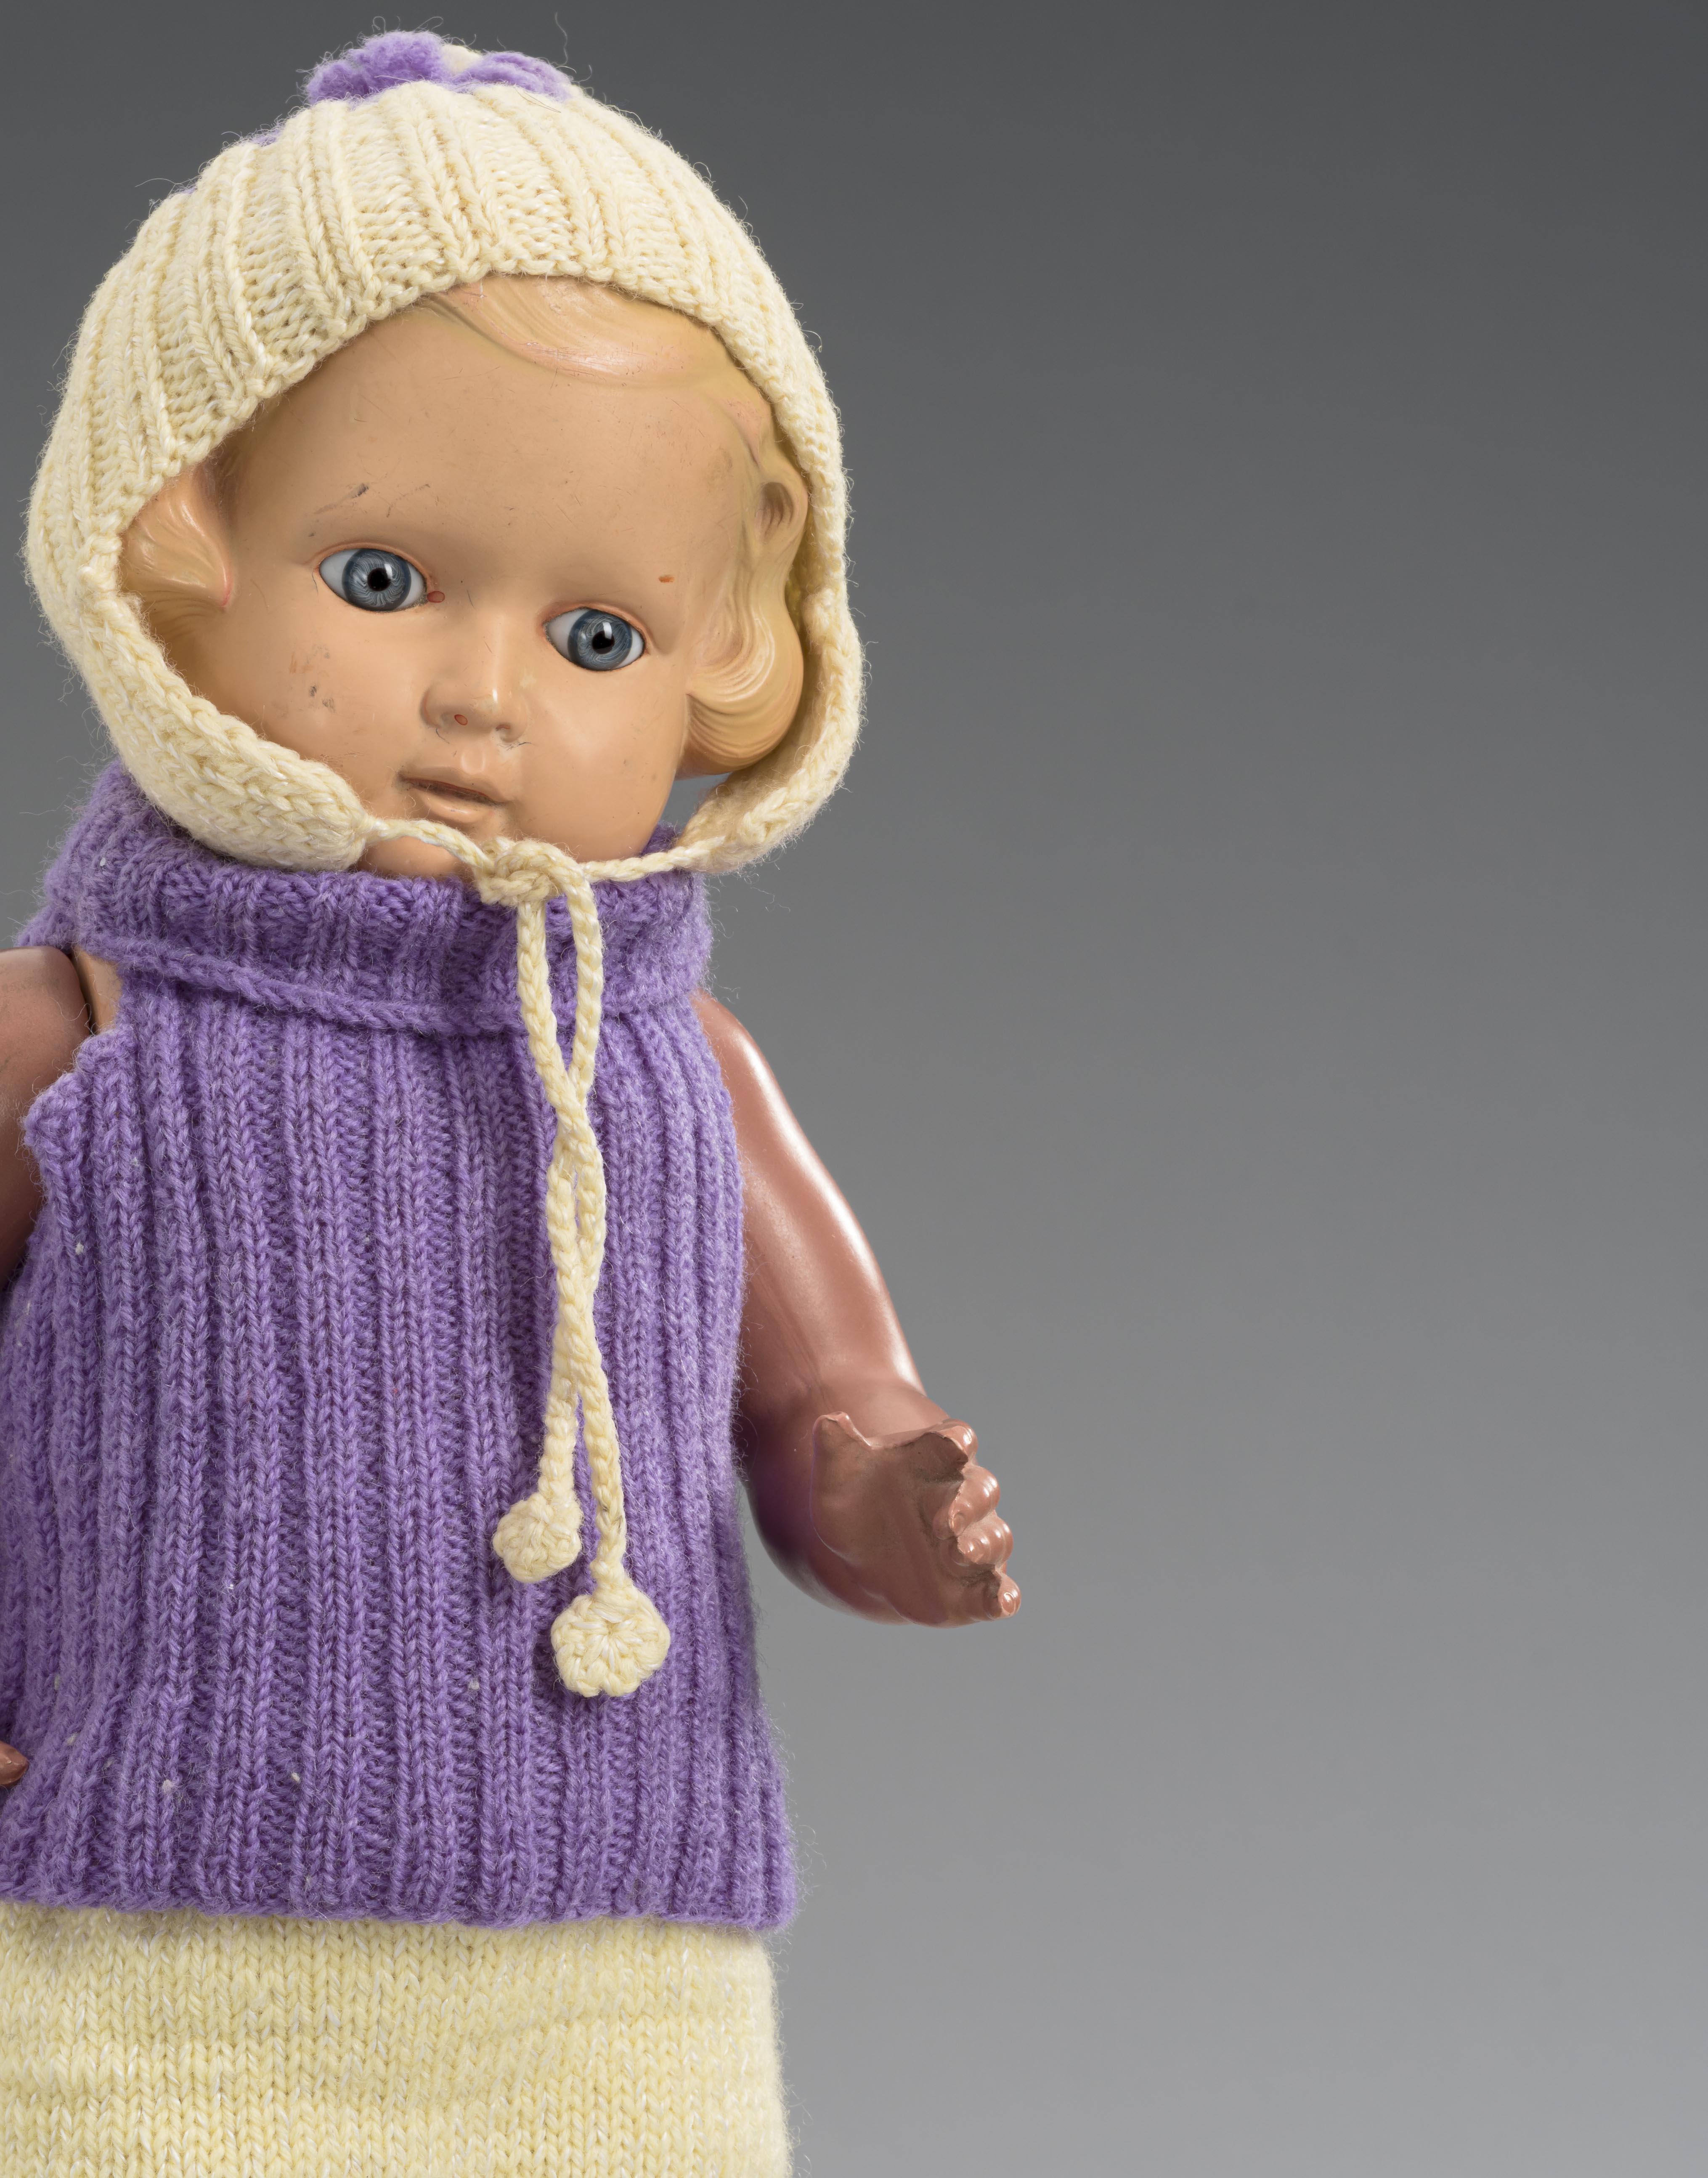 Puppe-Marianne-COPYRIGHT-Sammlung-Deutsches-Auswandererhaus-FOTO-Stefan-Volk-1624379570